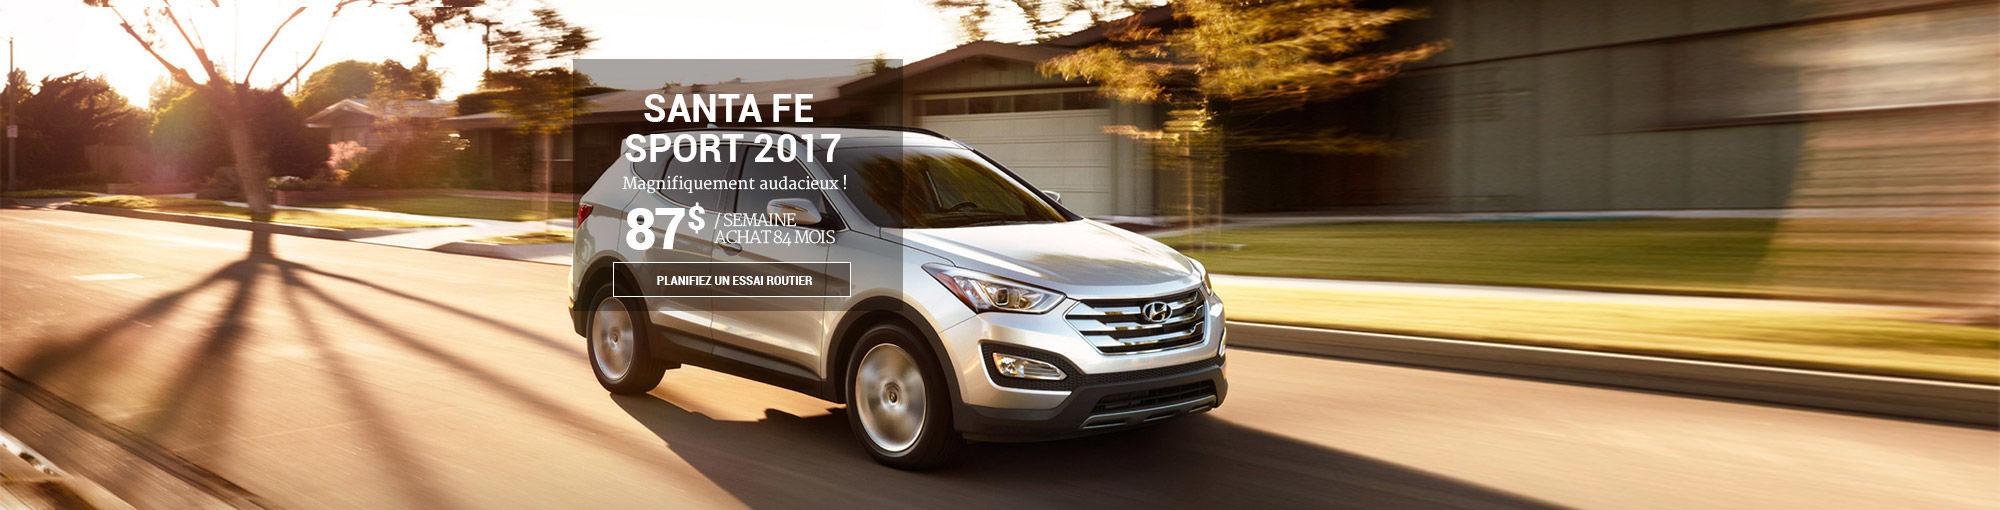 Hyundai Santa Fe Sport 2016 - header -décembre 2016 htr et hsh (Copie)